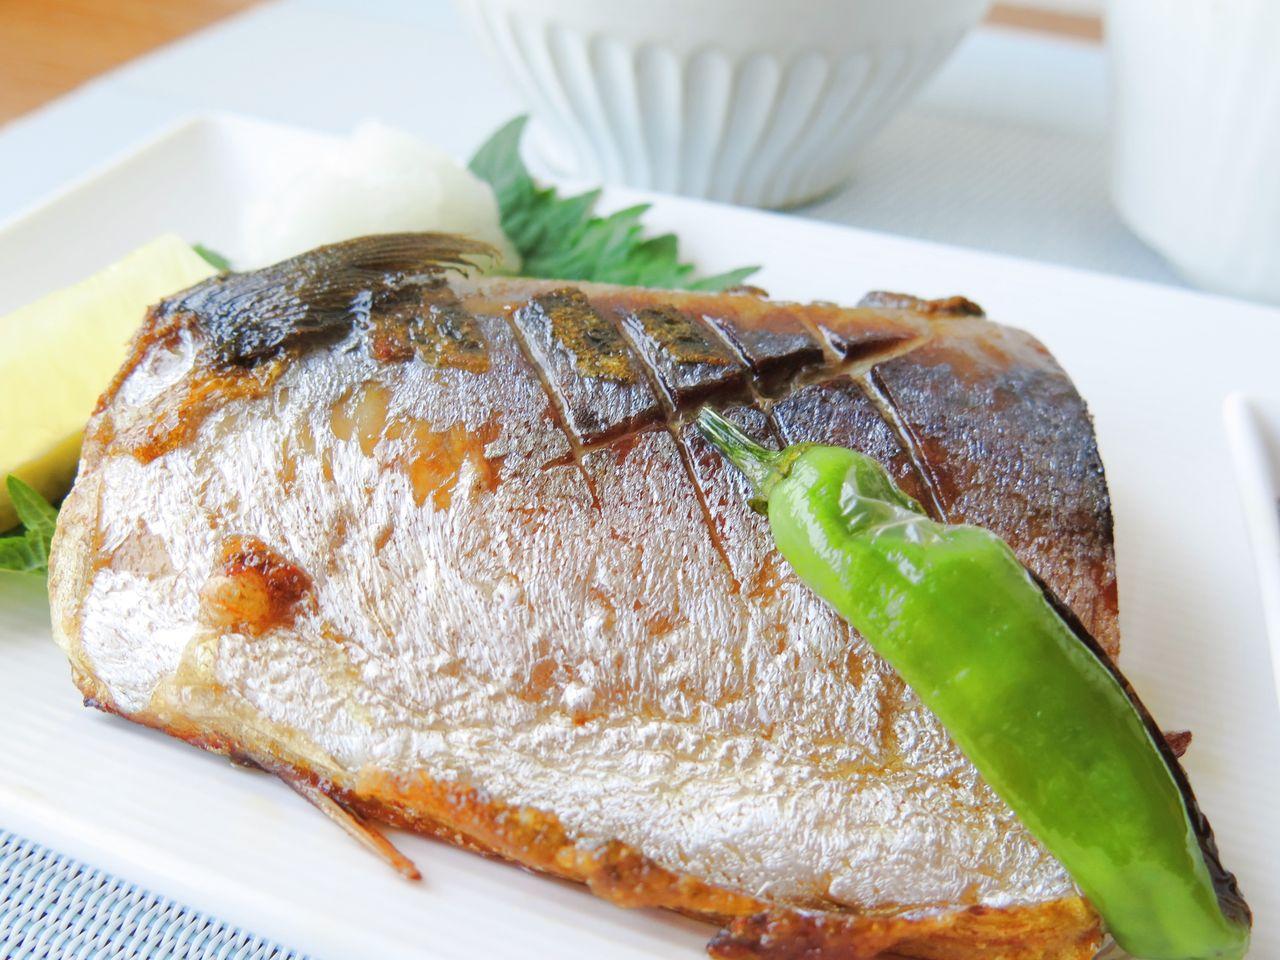 焼き魚 アニサキス 胃アニサキス症の原因と治療方法について